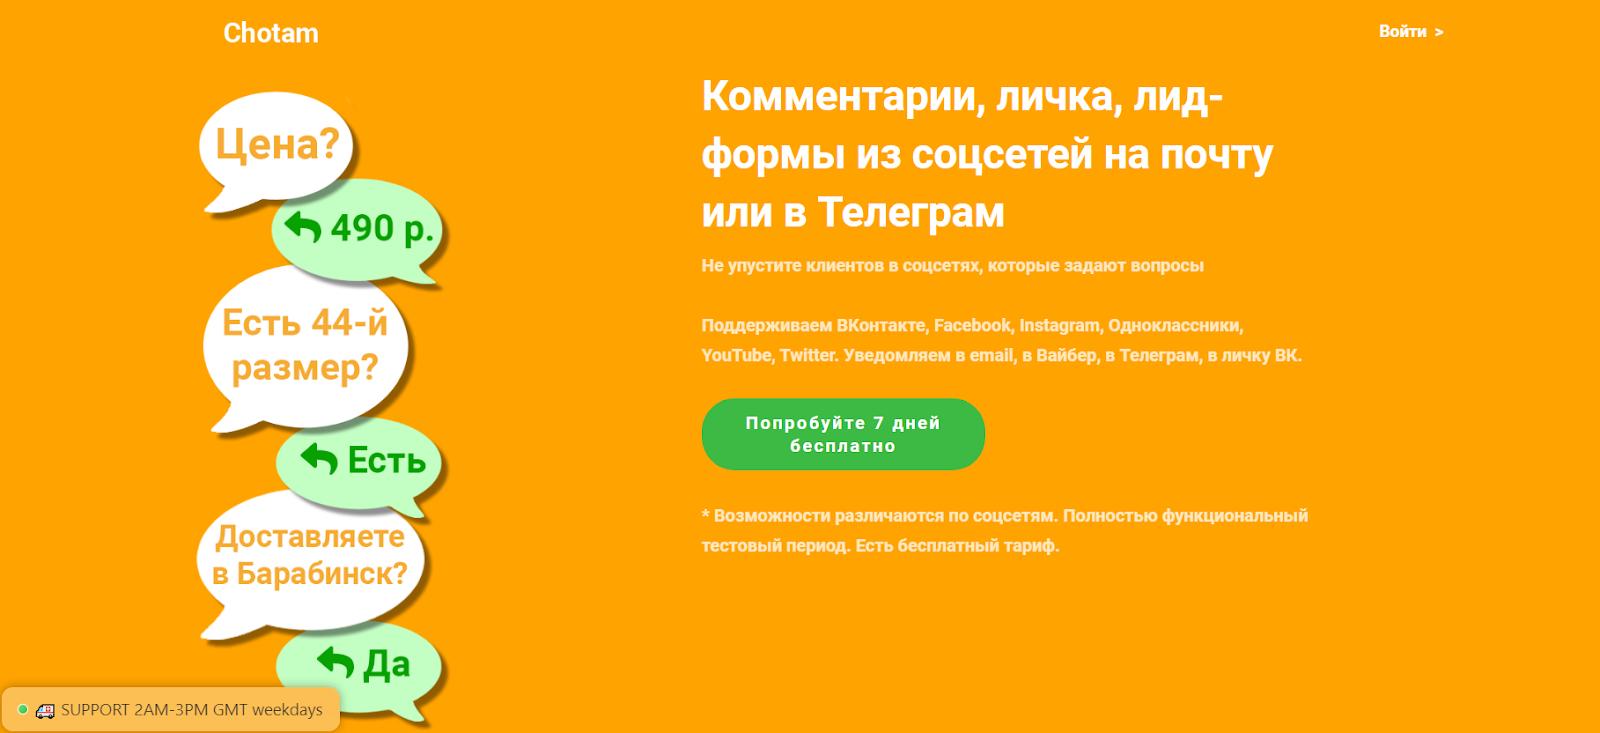 Главная страница сервиса — всего один экран